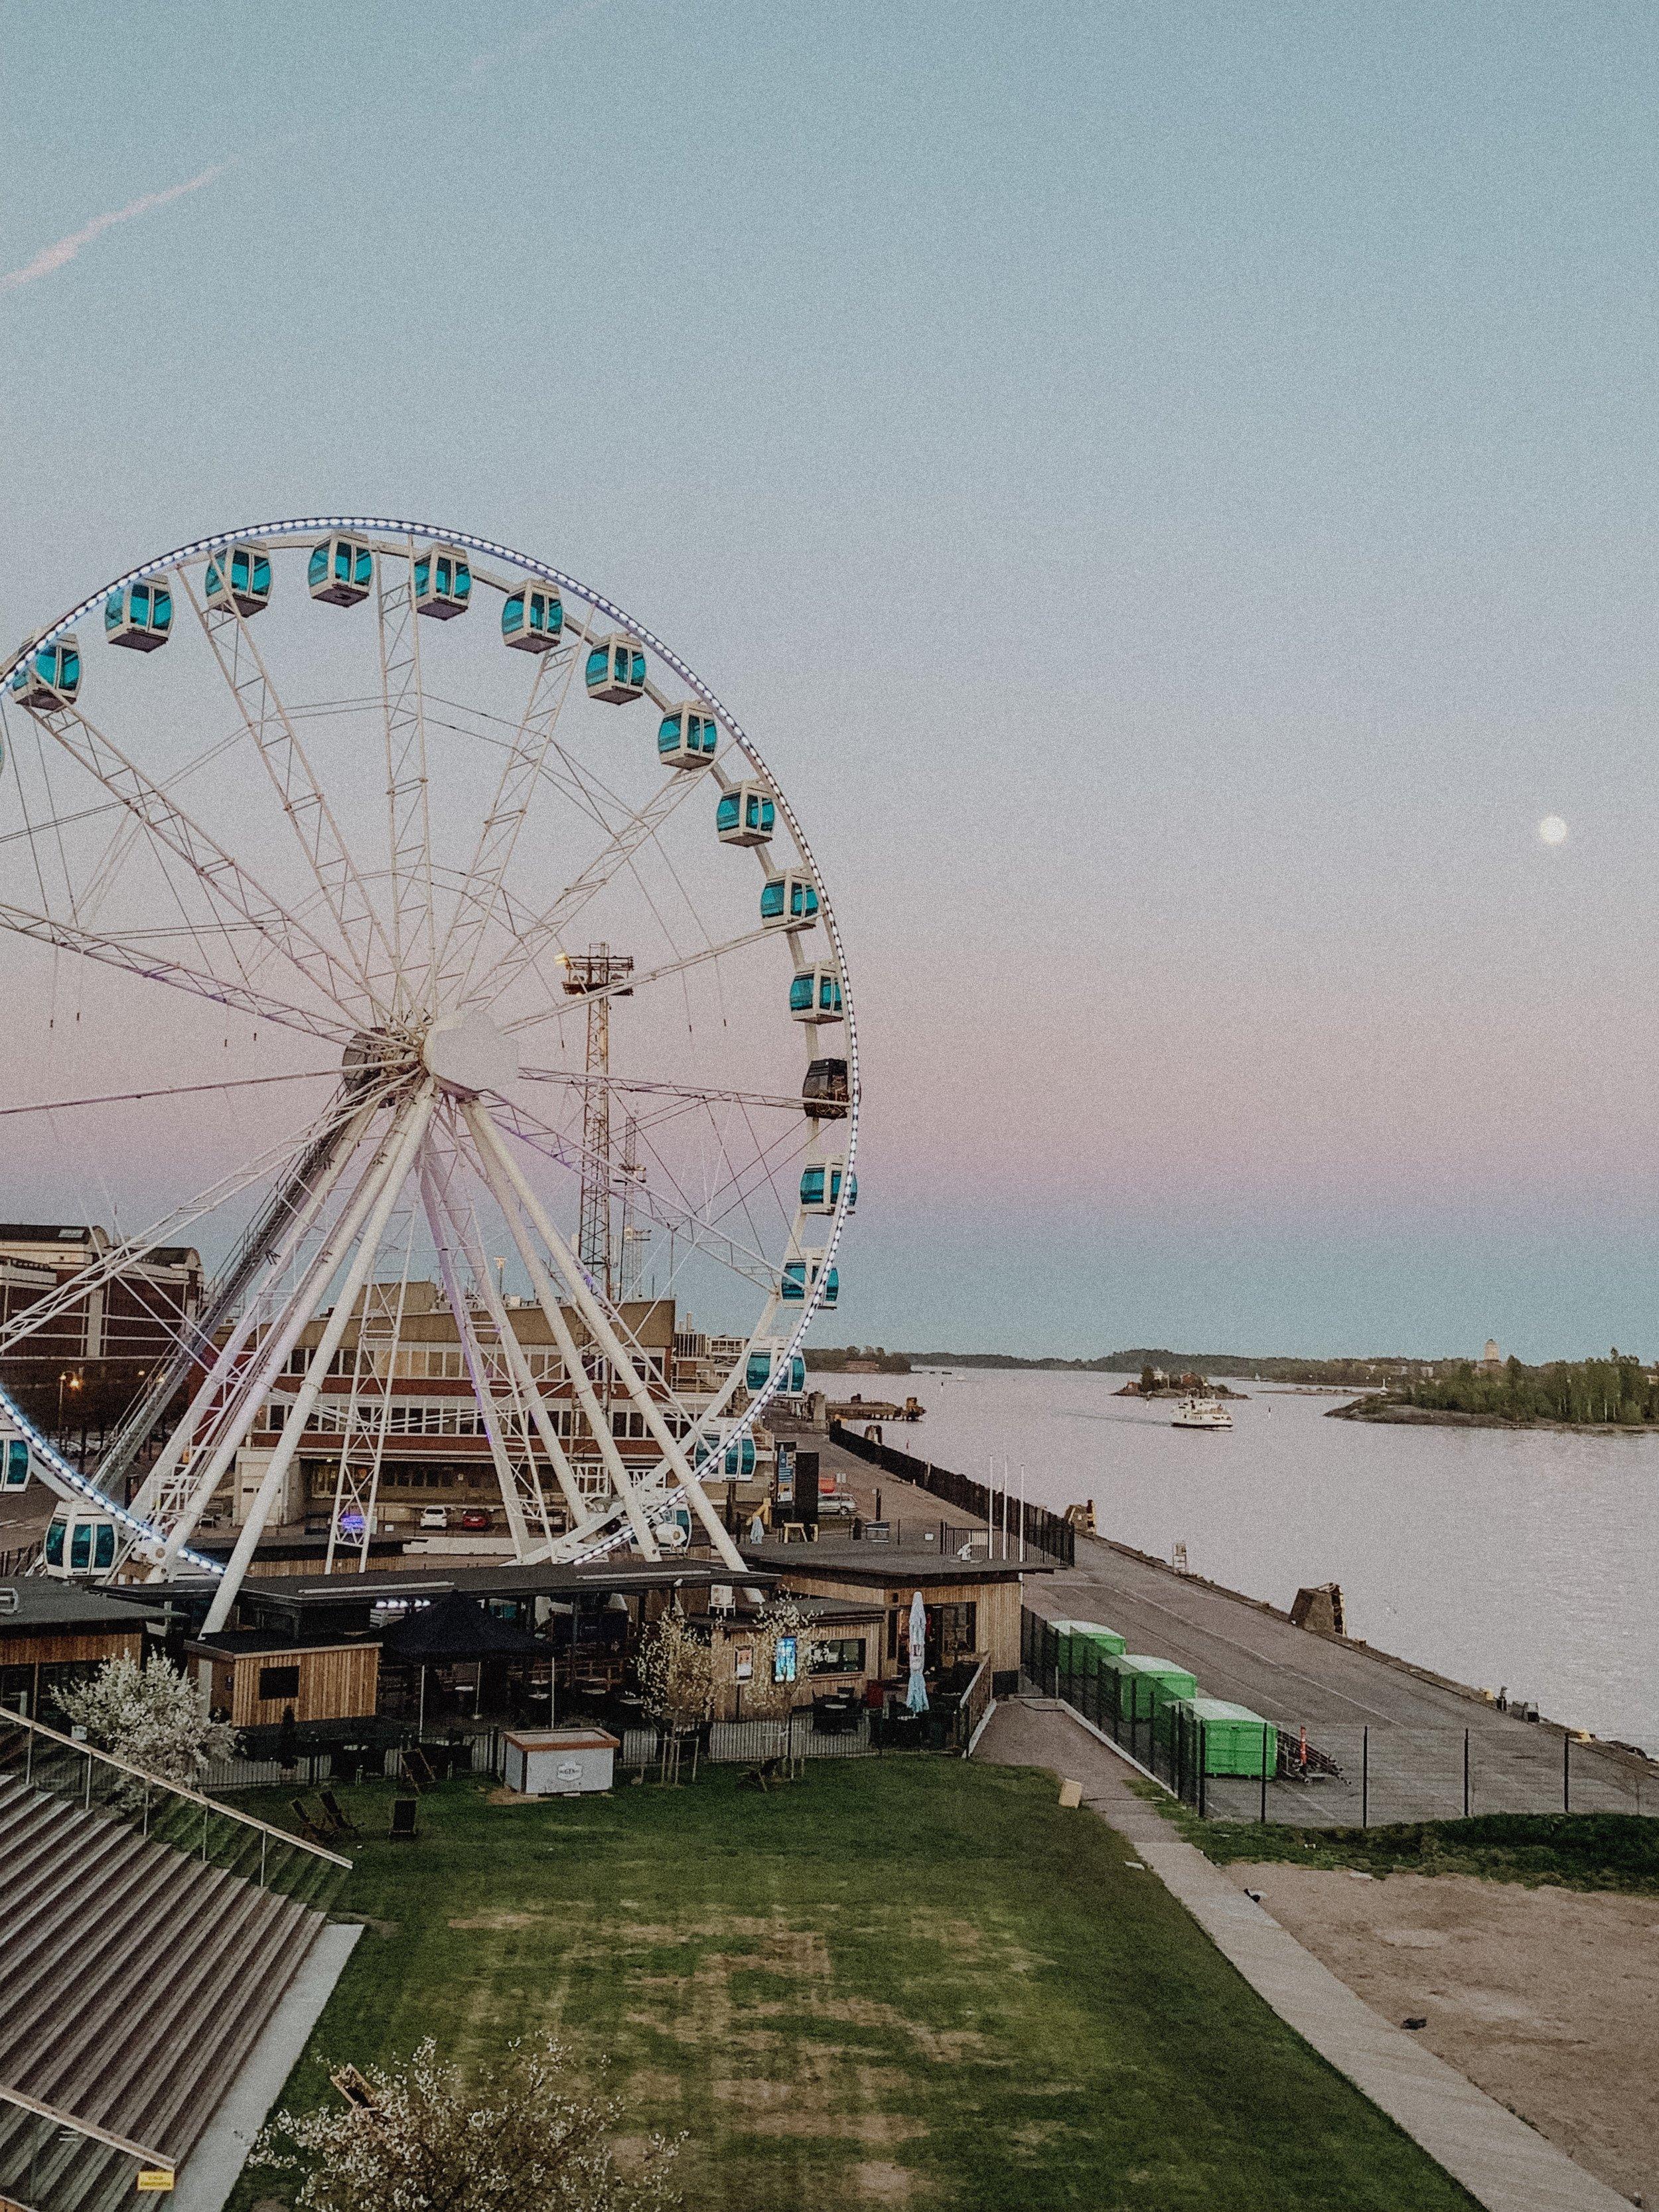 Ferris Wheel in Helsinki, Finland